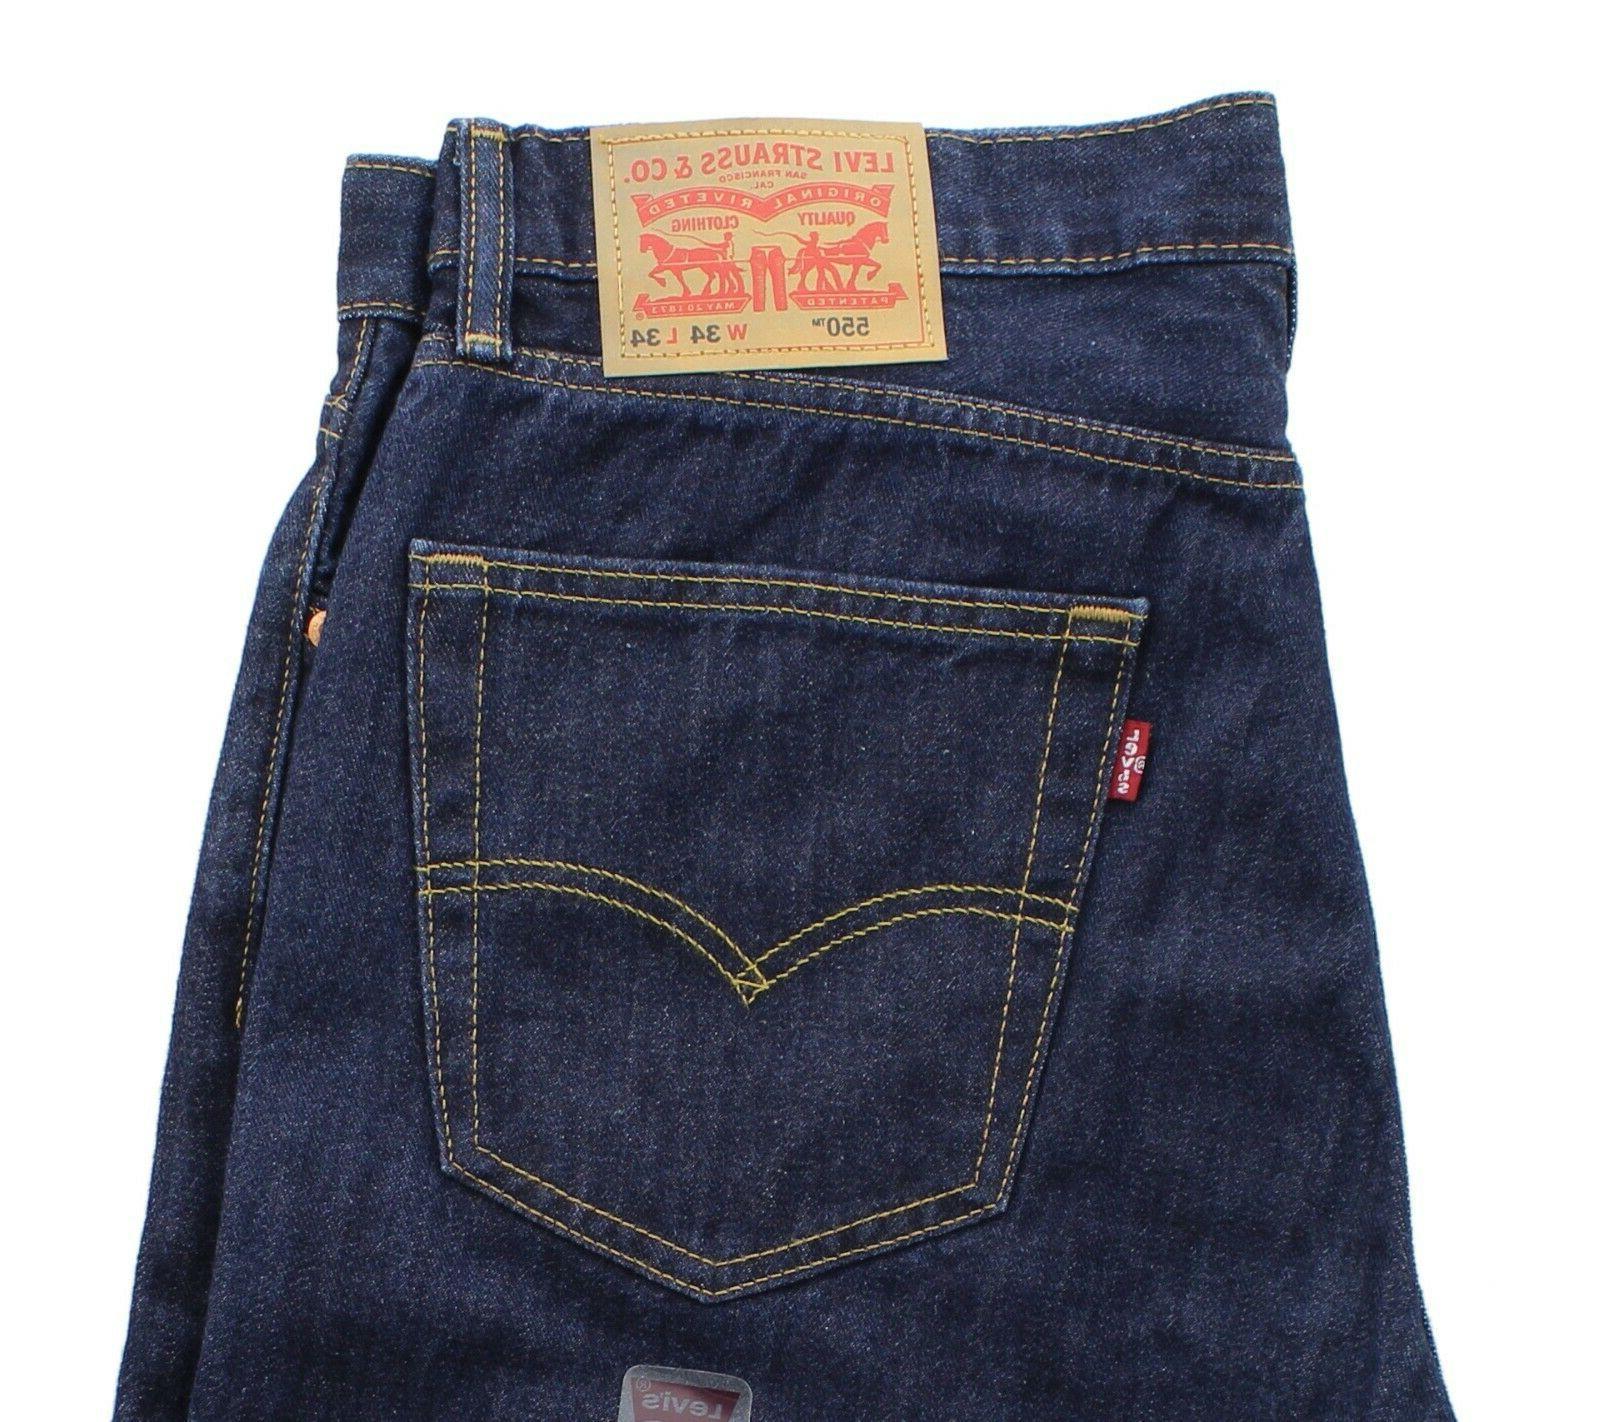 Levi's Men's Jeans Fit Denim